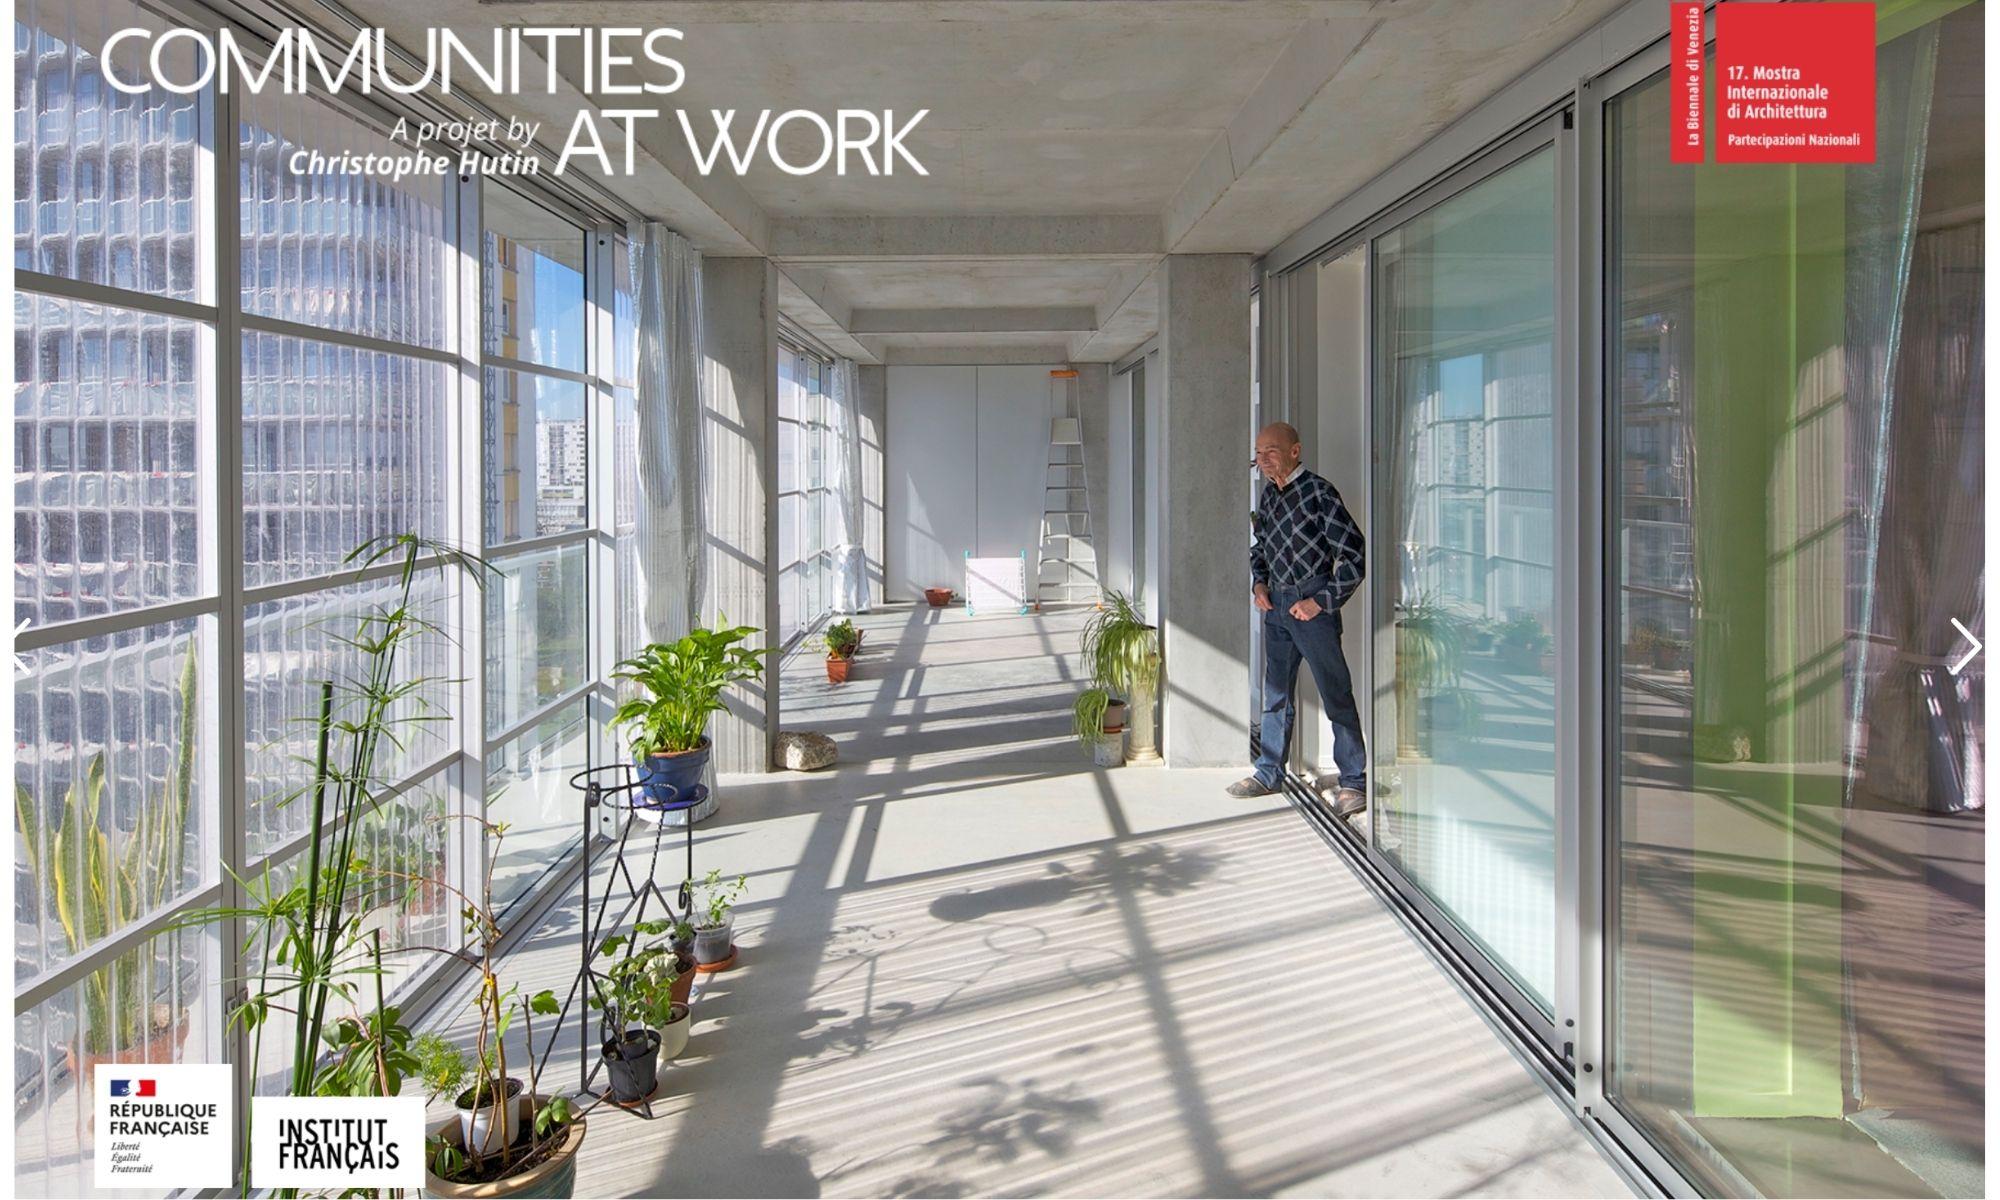 Le projet de Christophe Hutin représentera la France à la Biennale d'architecture de Venise